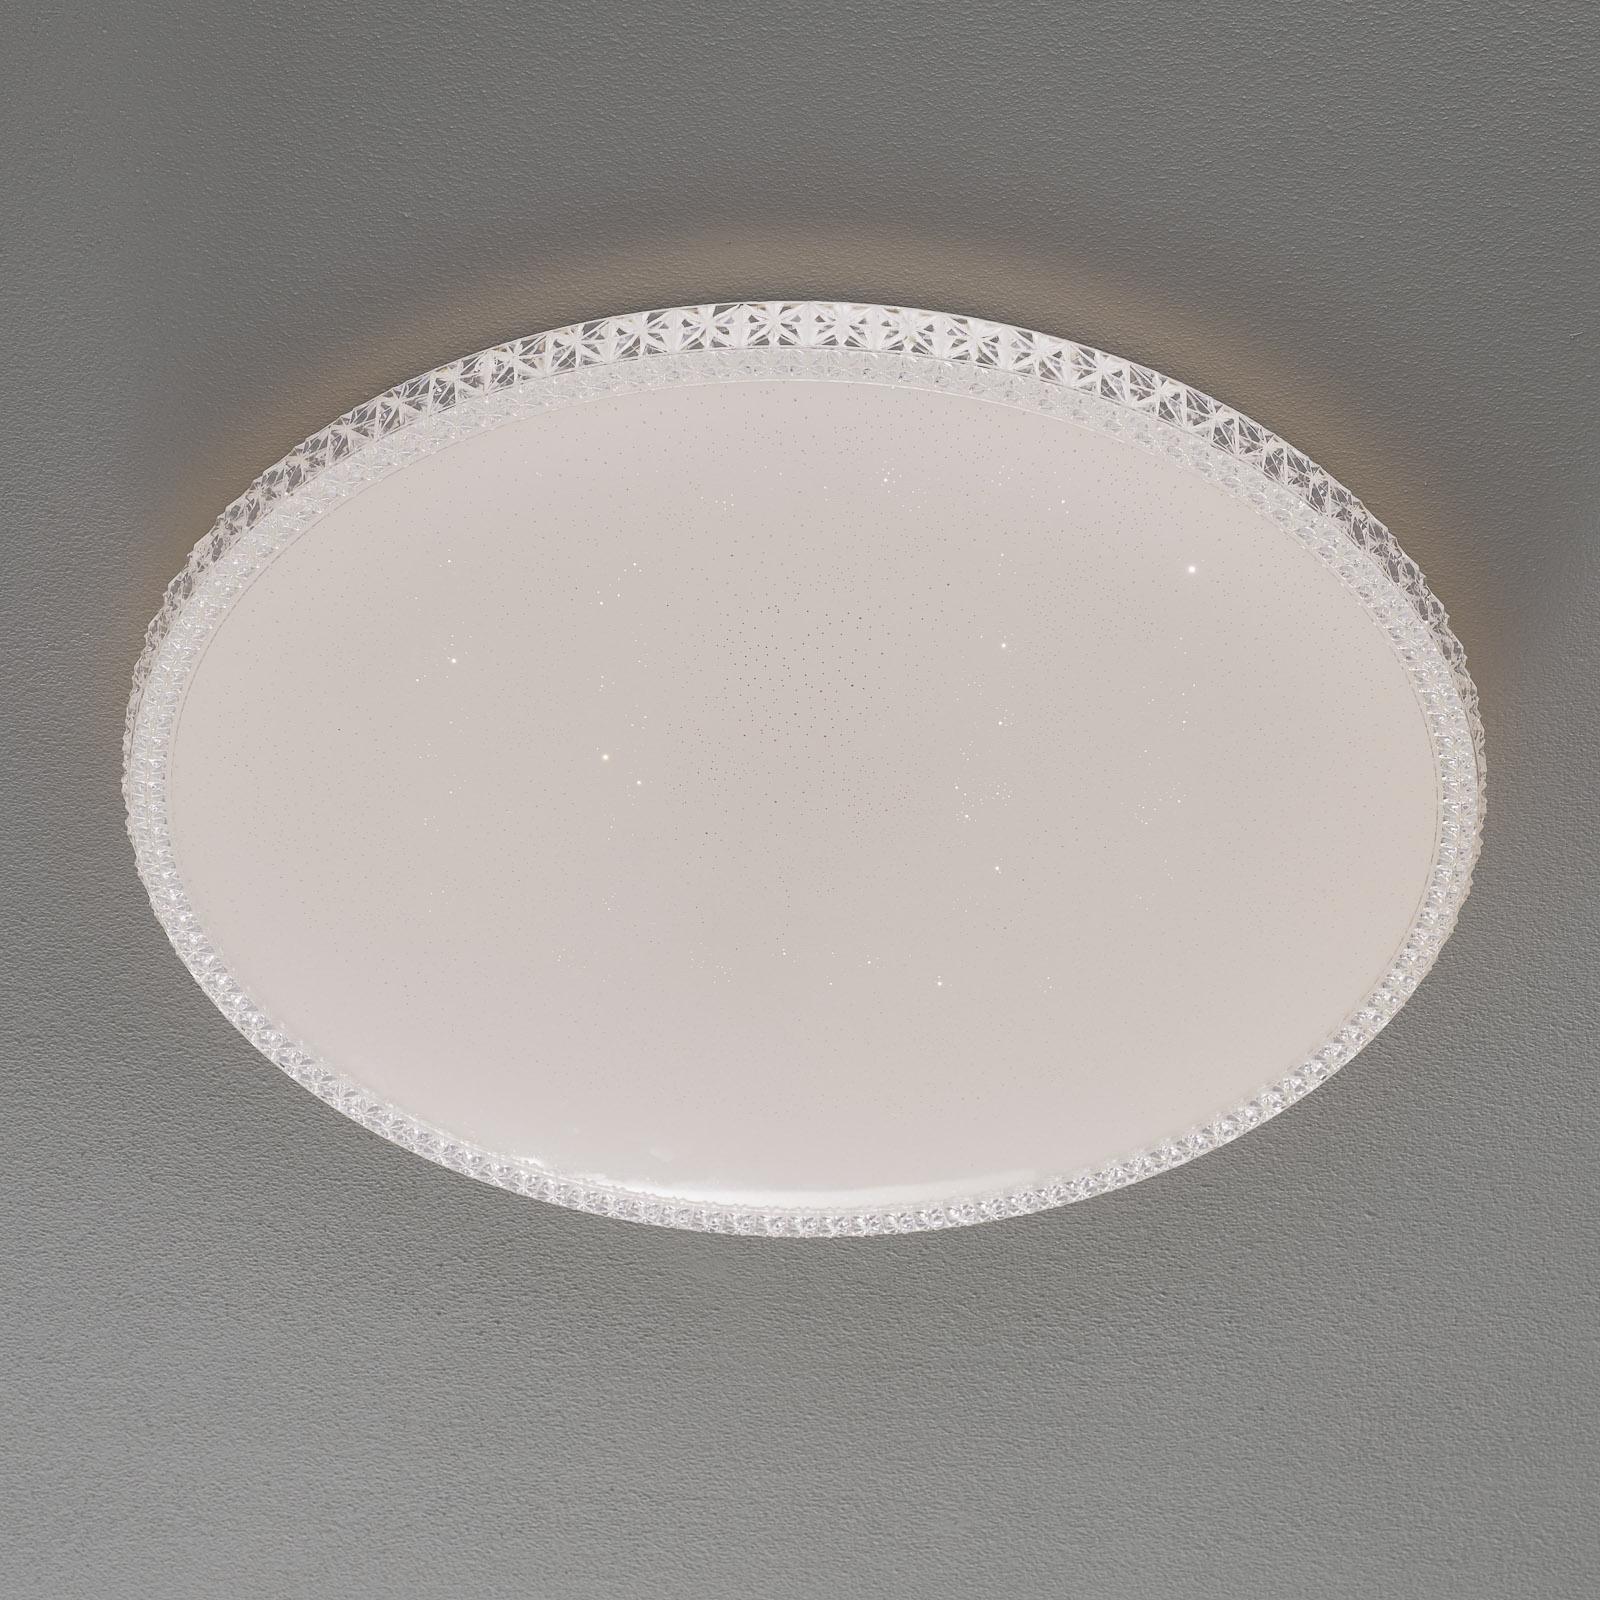 LED-taklampe 3386-016 med fjernkontroll